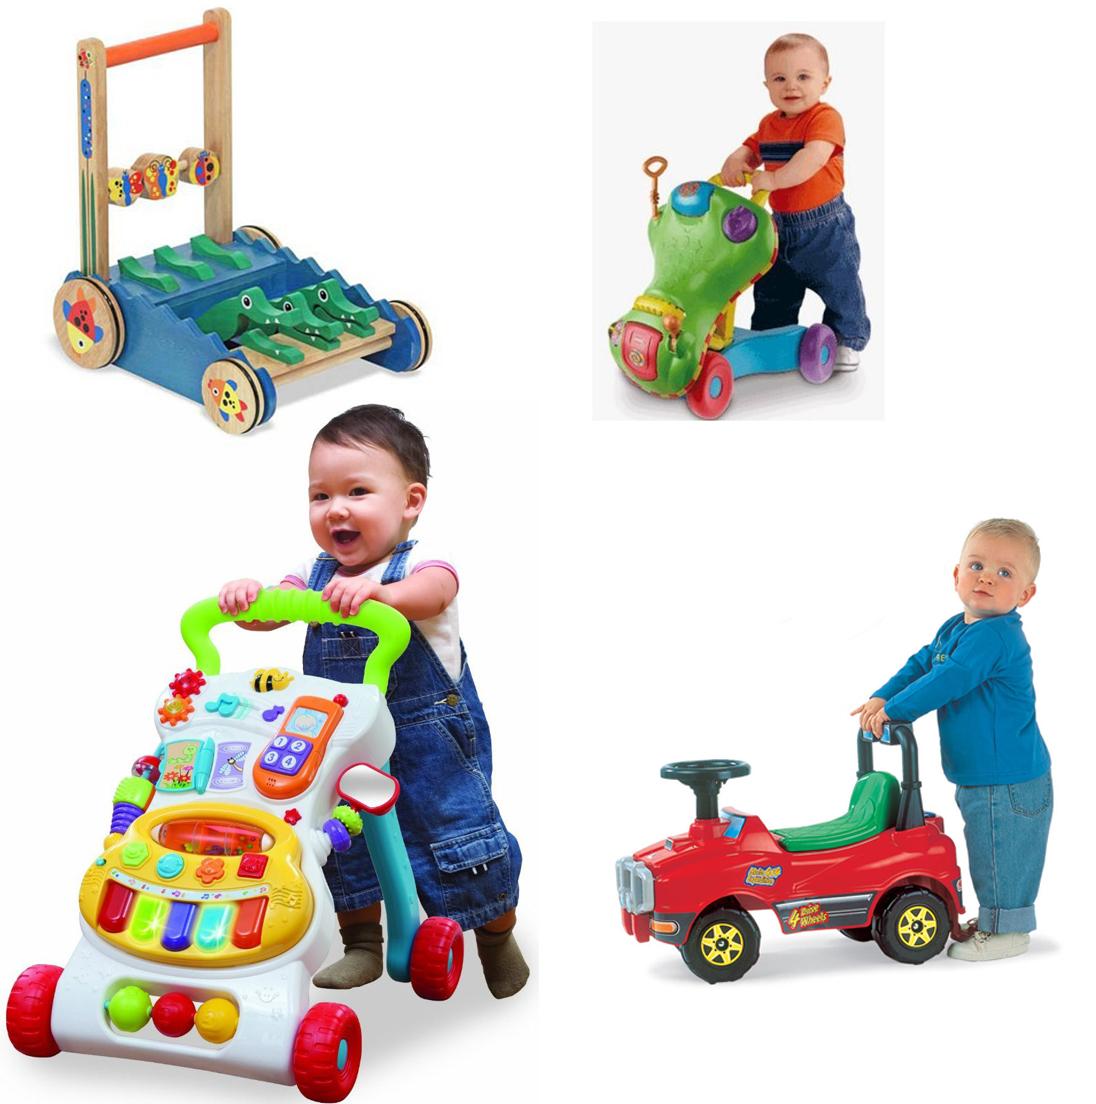 На картинке представлена Каталка для ребенка, которую можно приобрести в магазине Антошка